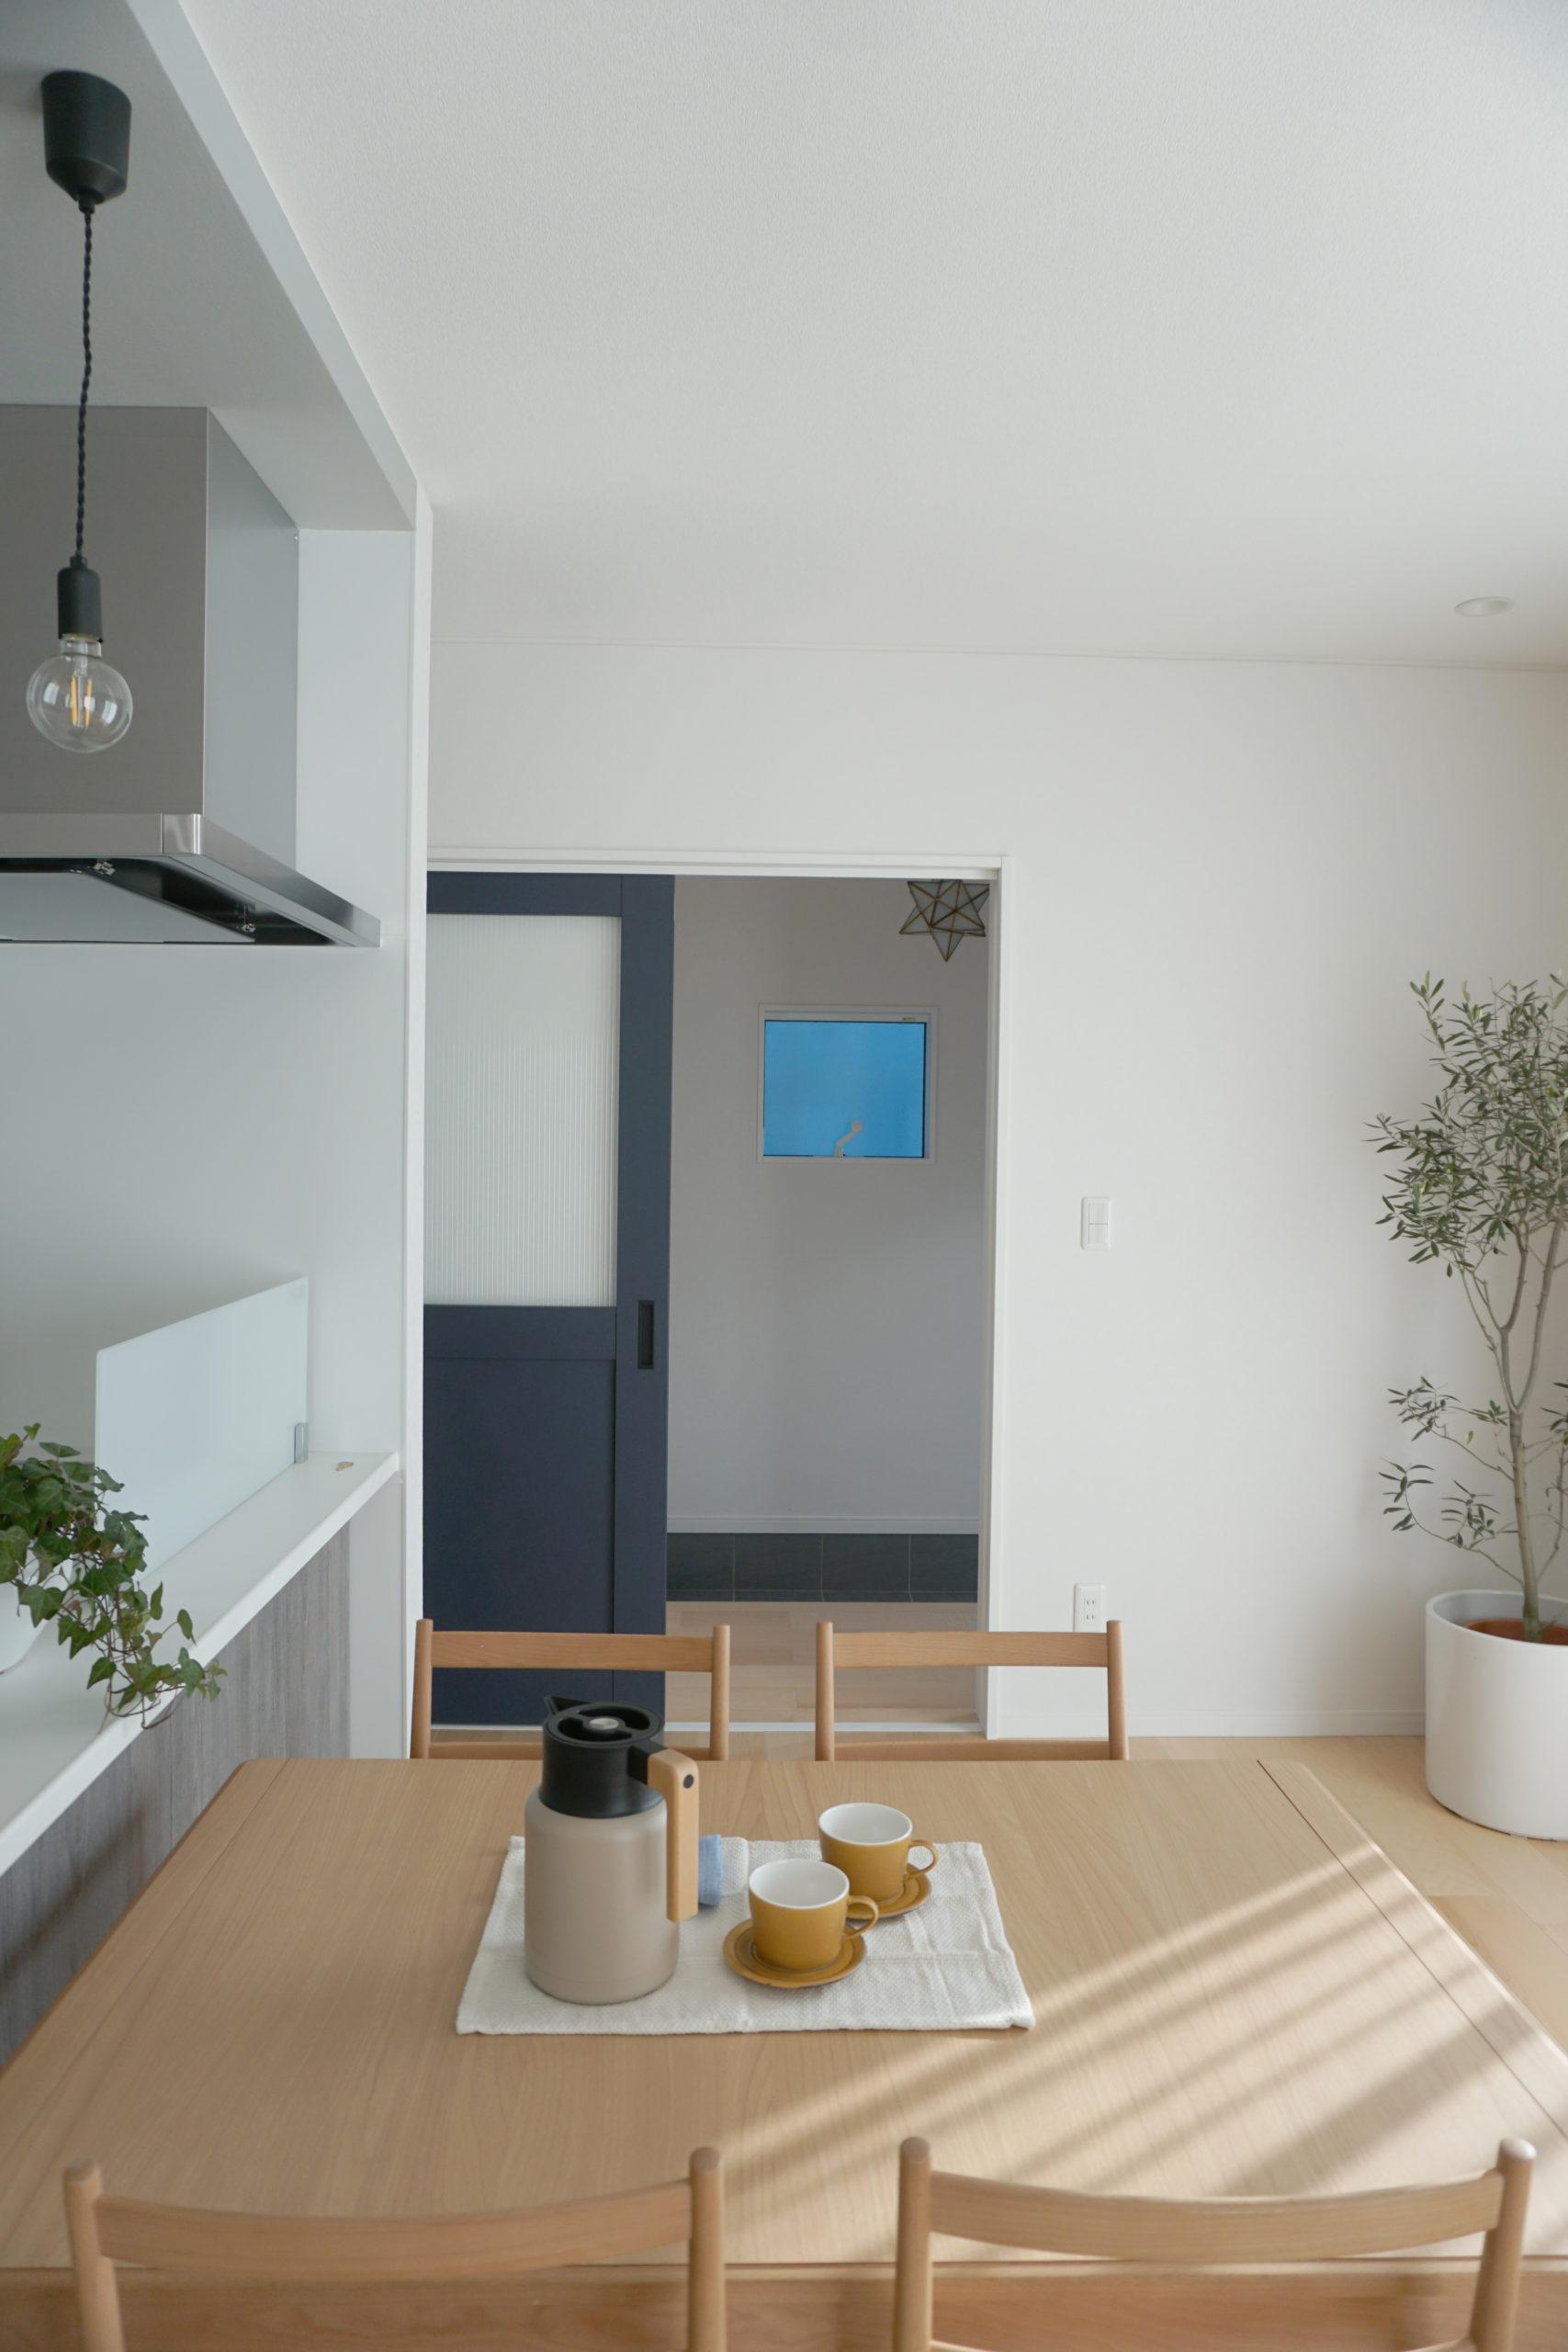 福山市の注文住宅|今井住建の施工事例ギャラリー「玄関とLDKの区切りはおしゃれな建具で」